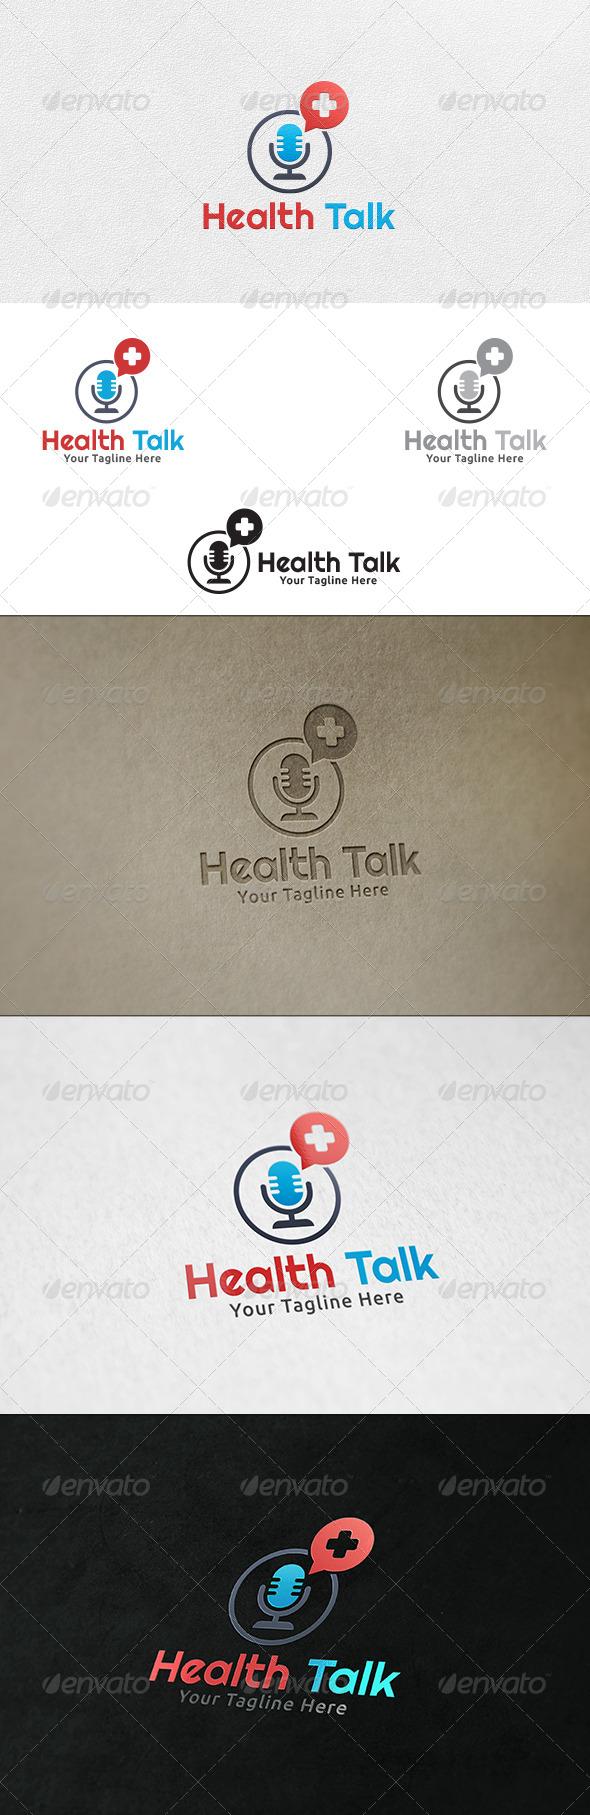 GraphicRiver Health Talk Logo Template 6423947